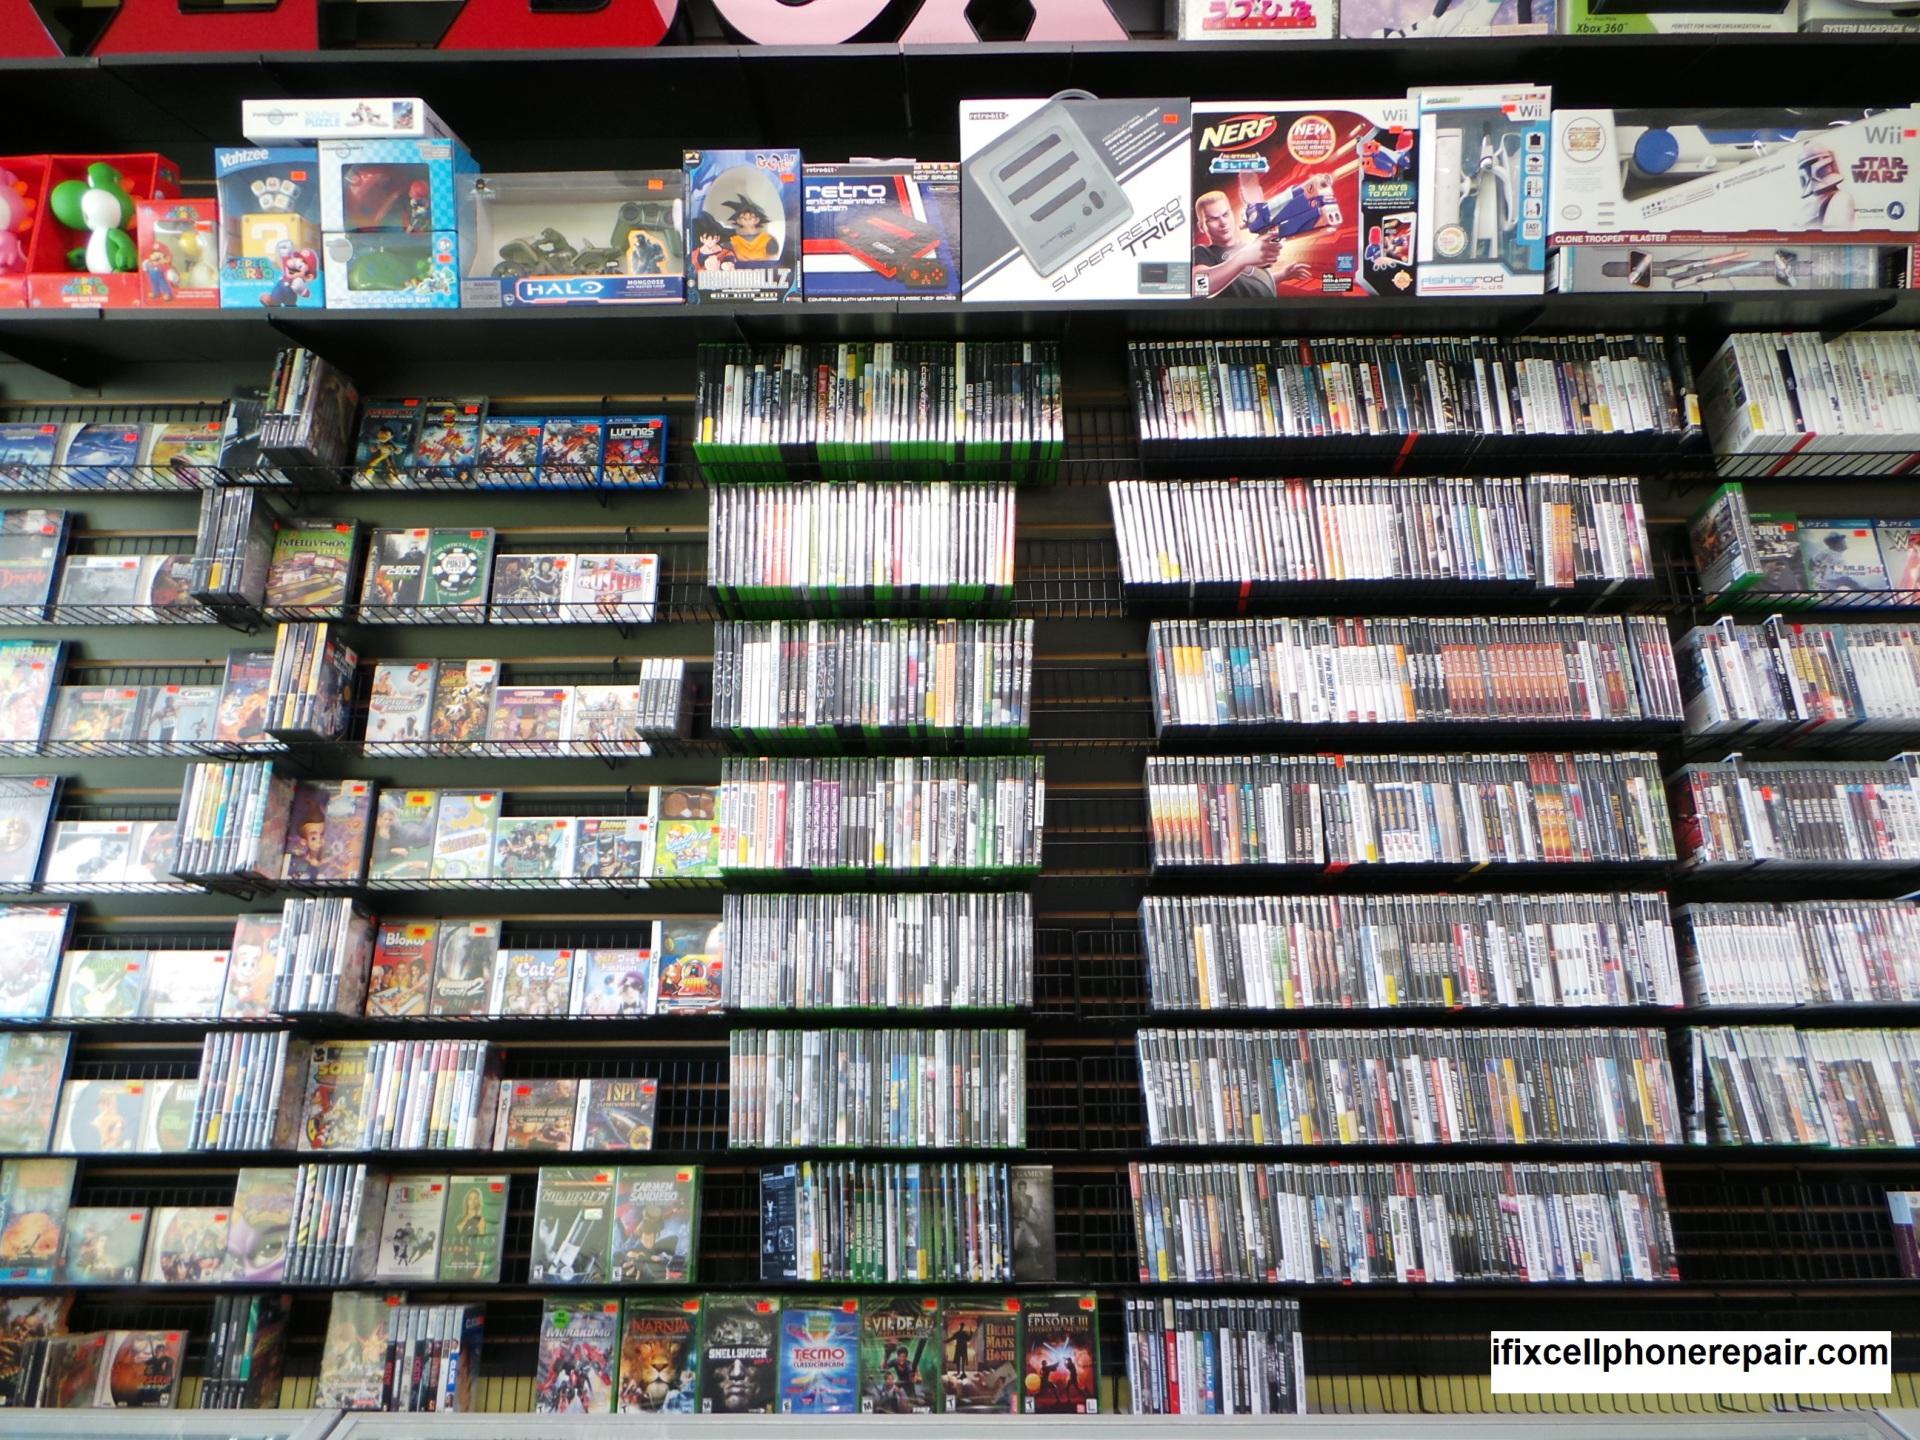 gamecube,3ds,ds,sega cd,wii,wii u games,ifix,cell phone repair, tablet repair,ipad repair,mac repair,ps2 repair,ps3 repair,xbox 360 repair, game cd rpeair